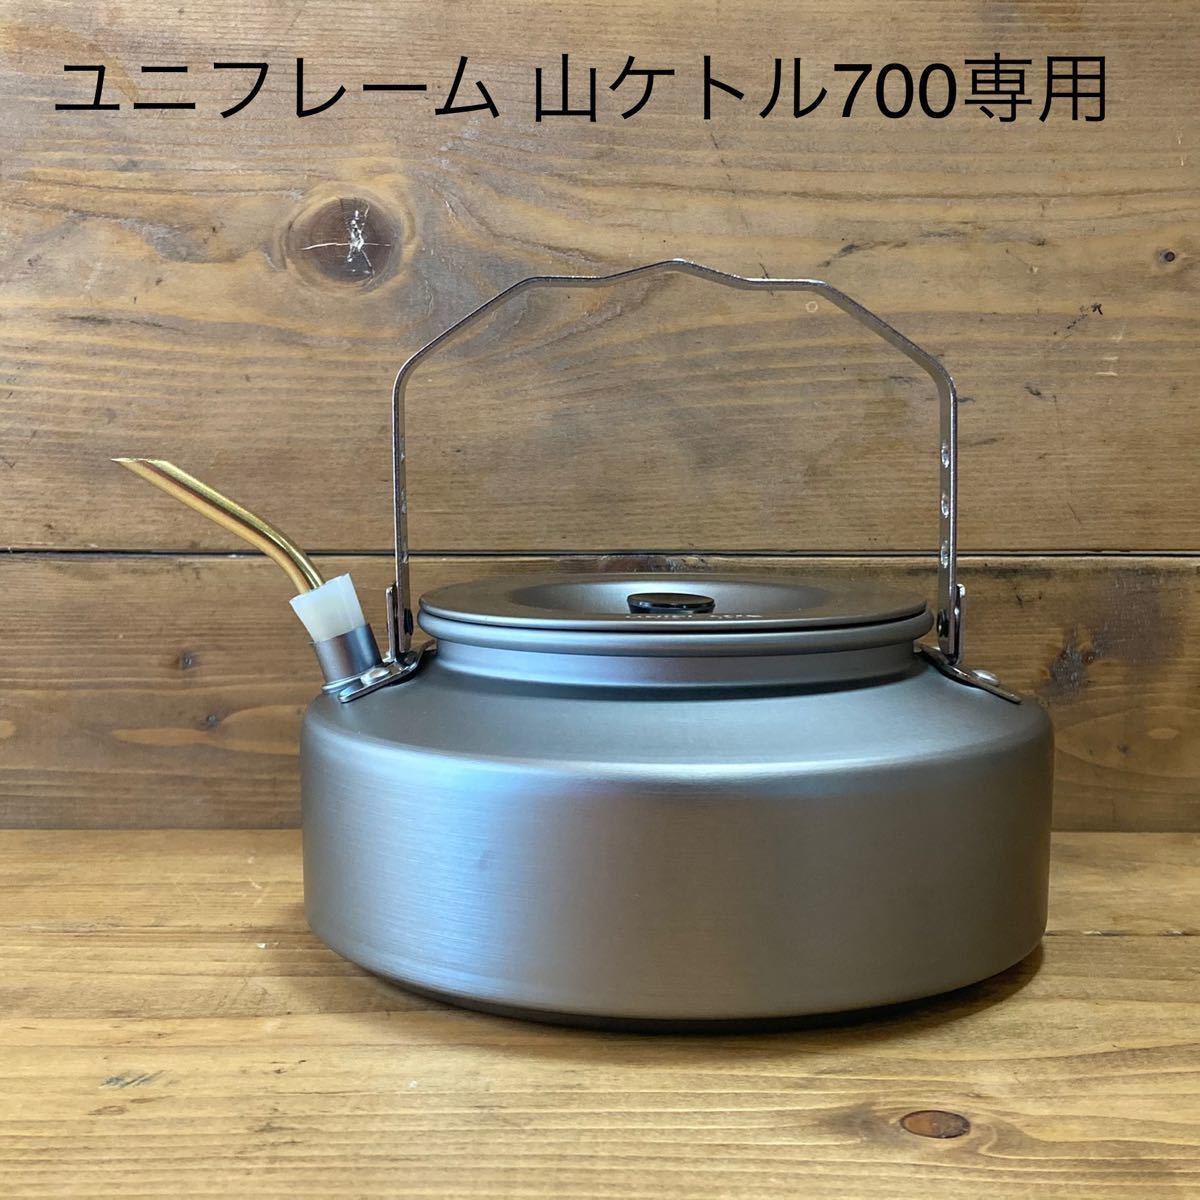 ユニフレーム 山ケトル 700 0.7L 真鍮 コーヒードリップノズル ハンドメイド 検)sosogu